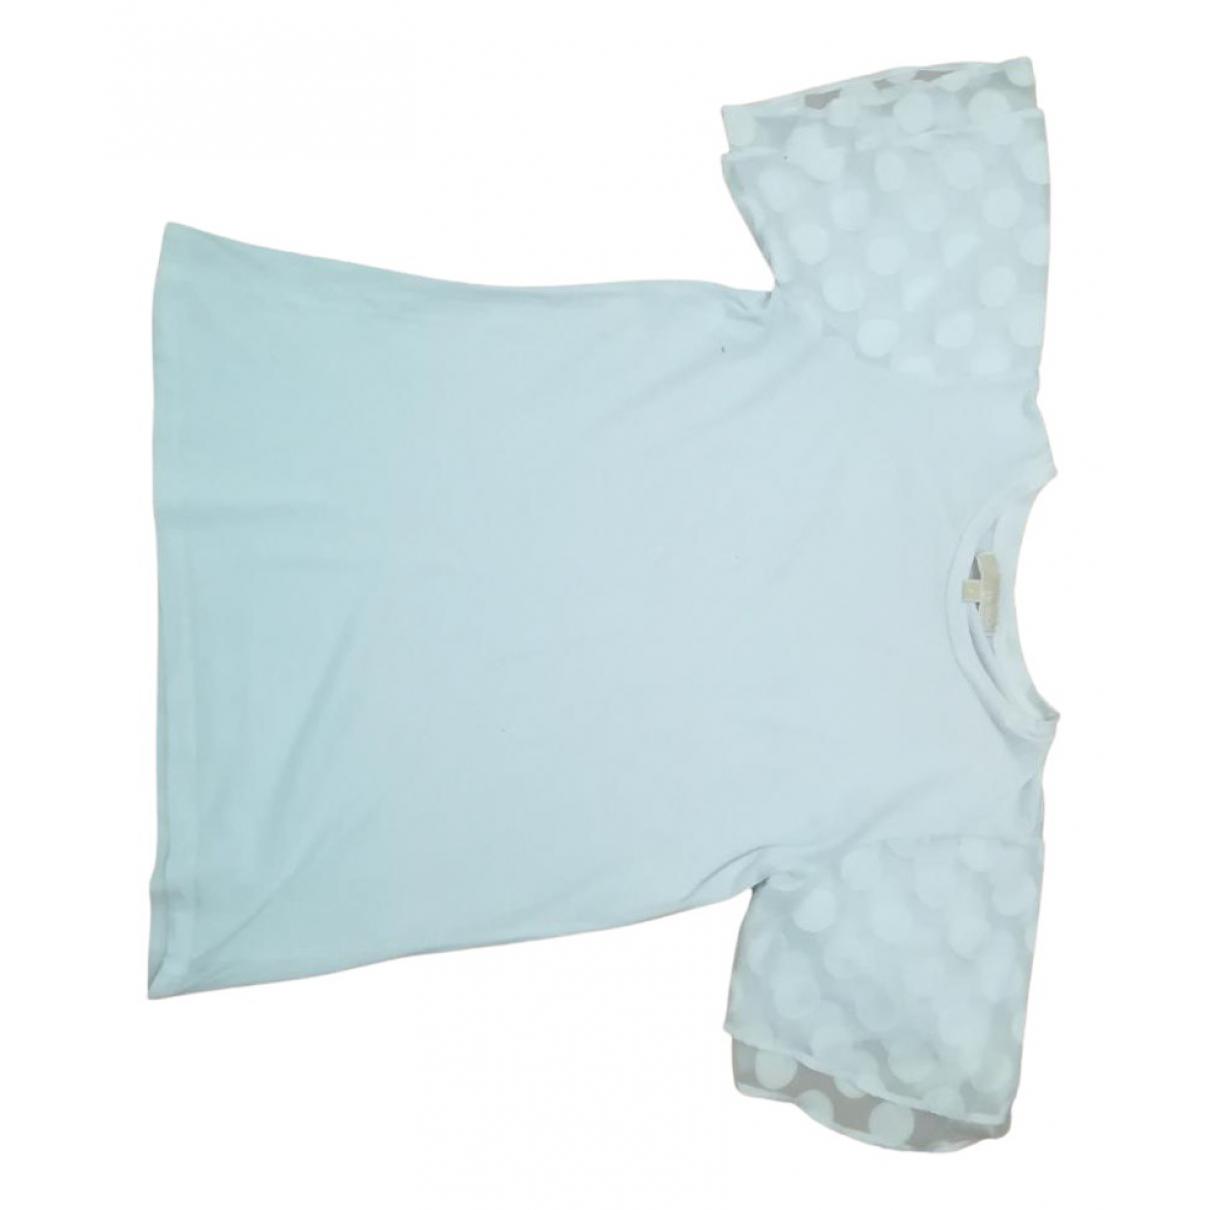 Michael Kors - Top   pour femme en coton - blanc